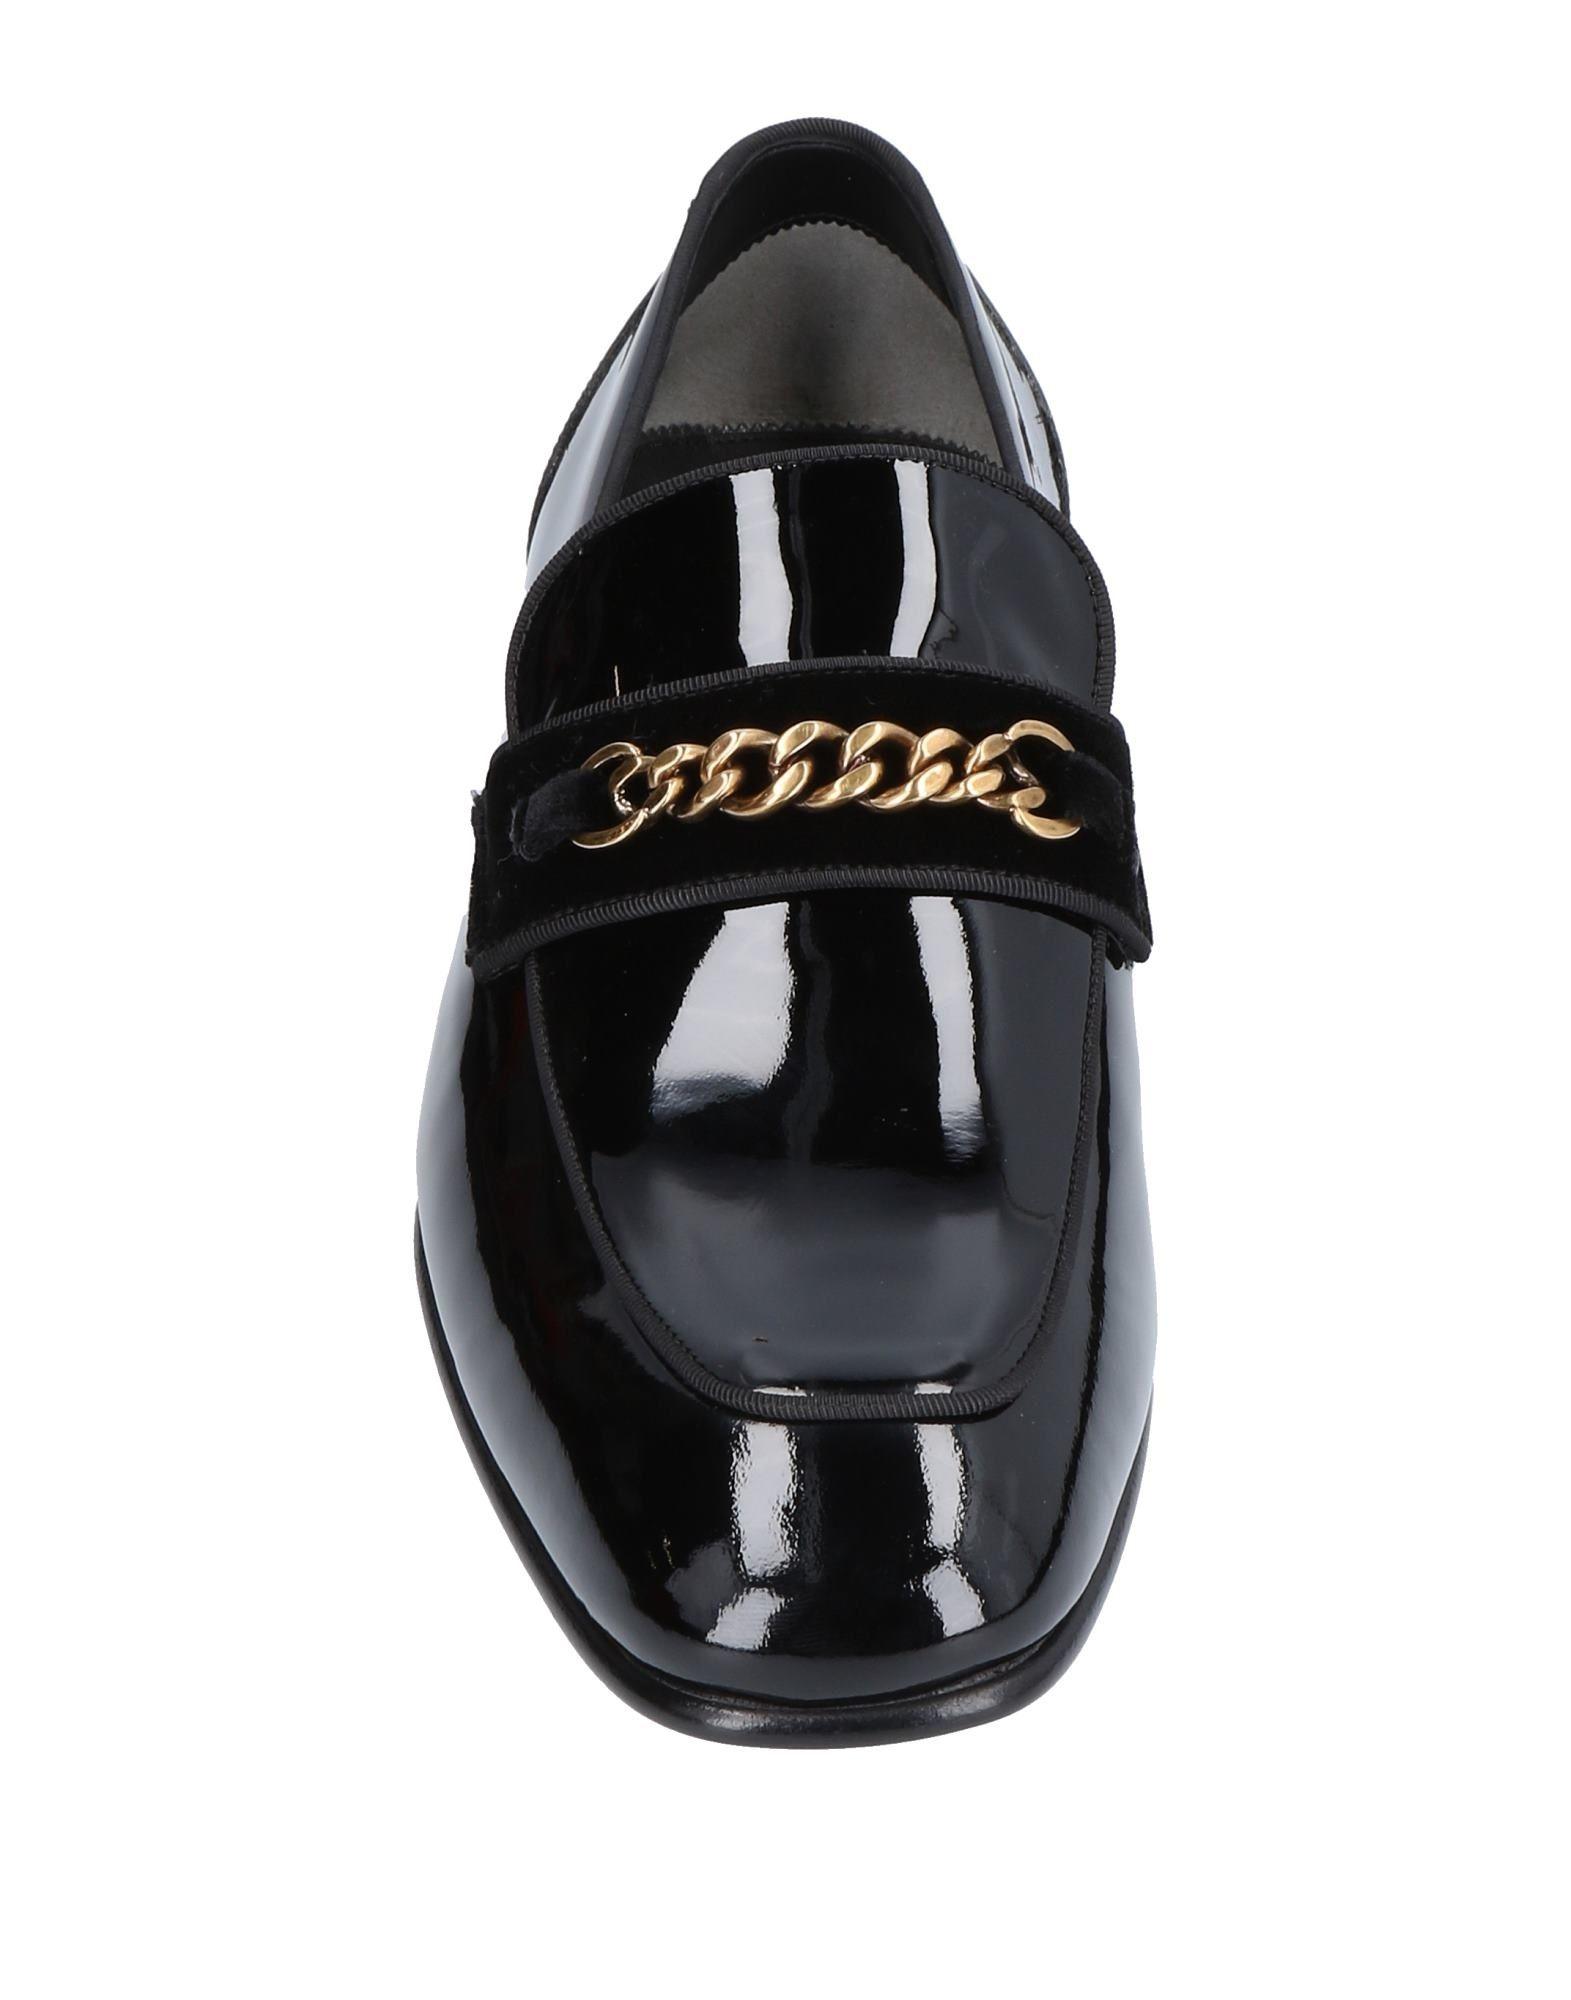 Tom Ford Mokassins Herren  11517029XS Gute Qualität beliebte Schuhe